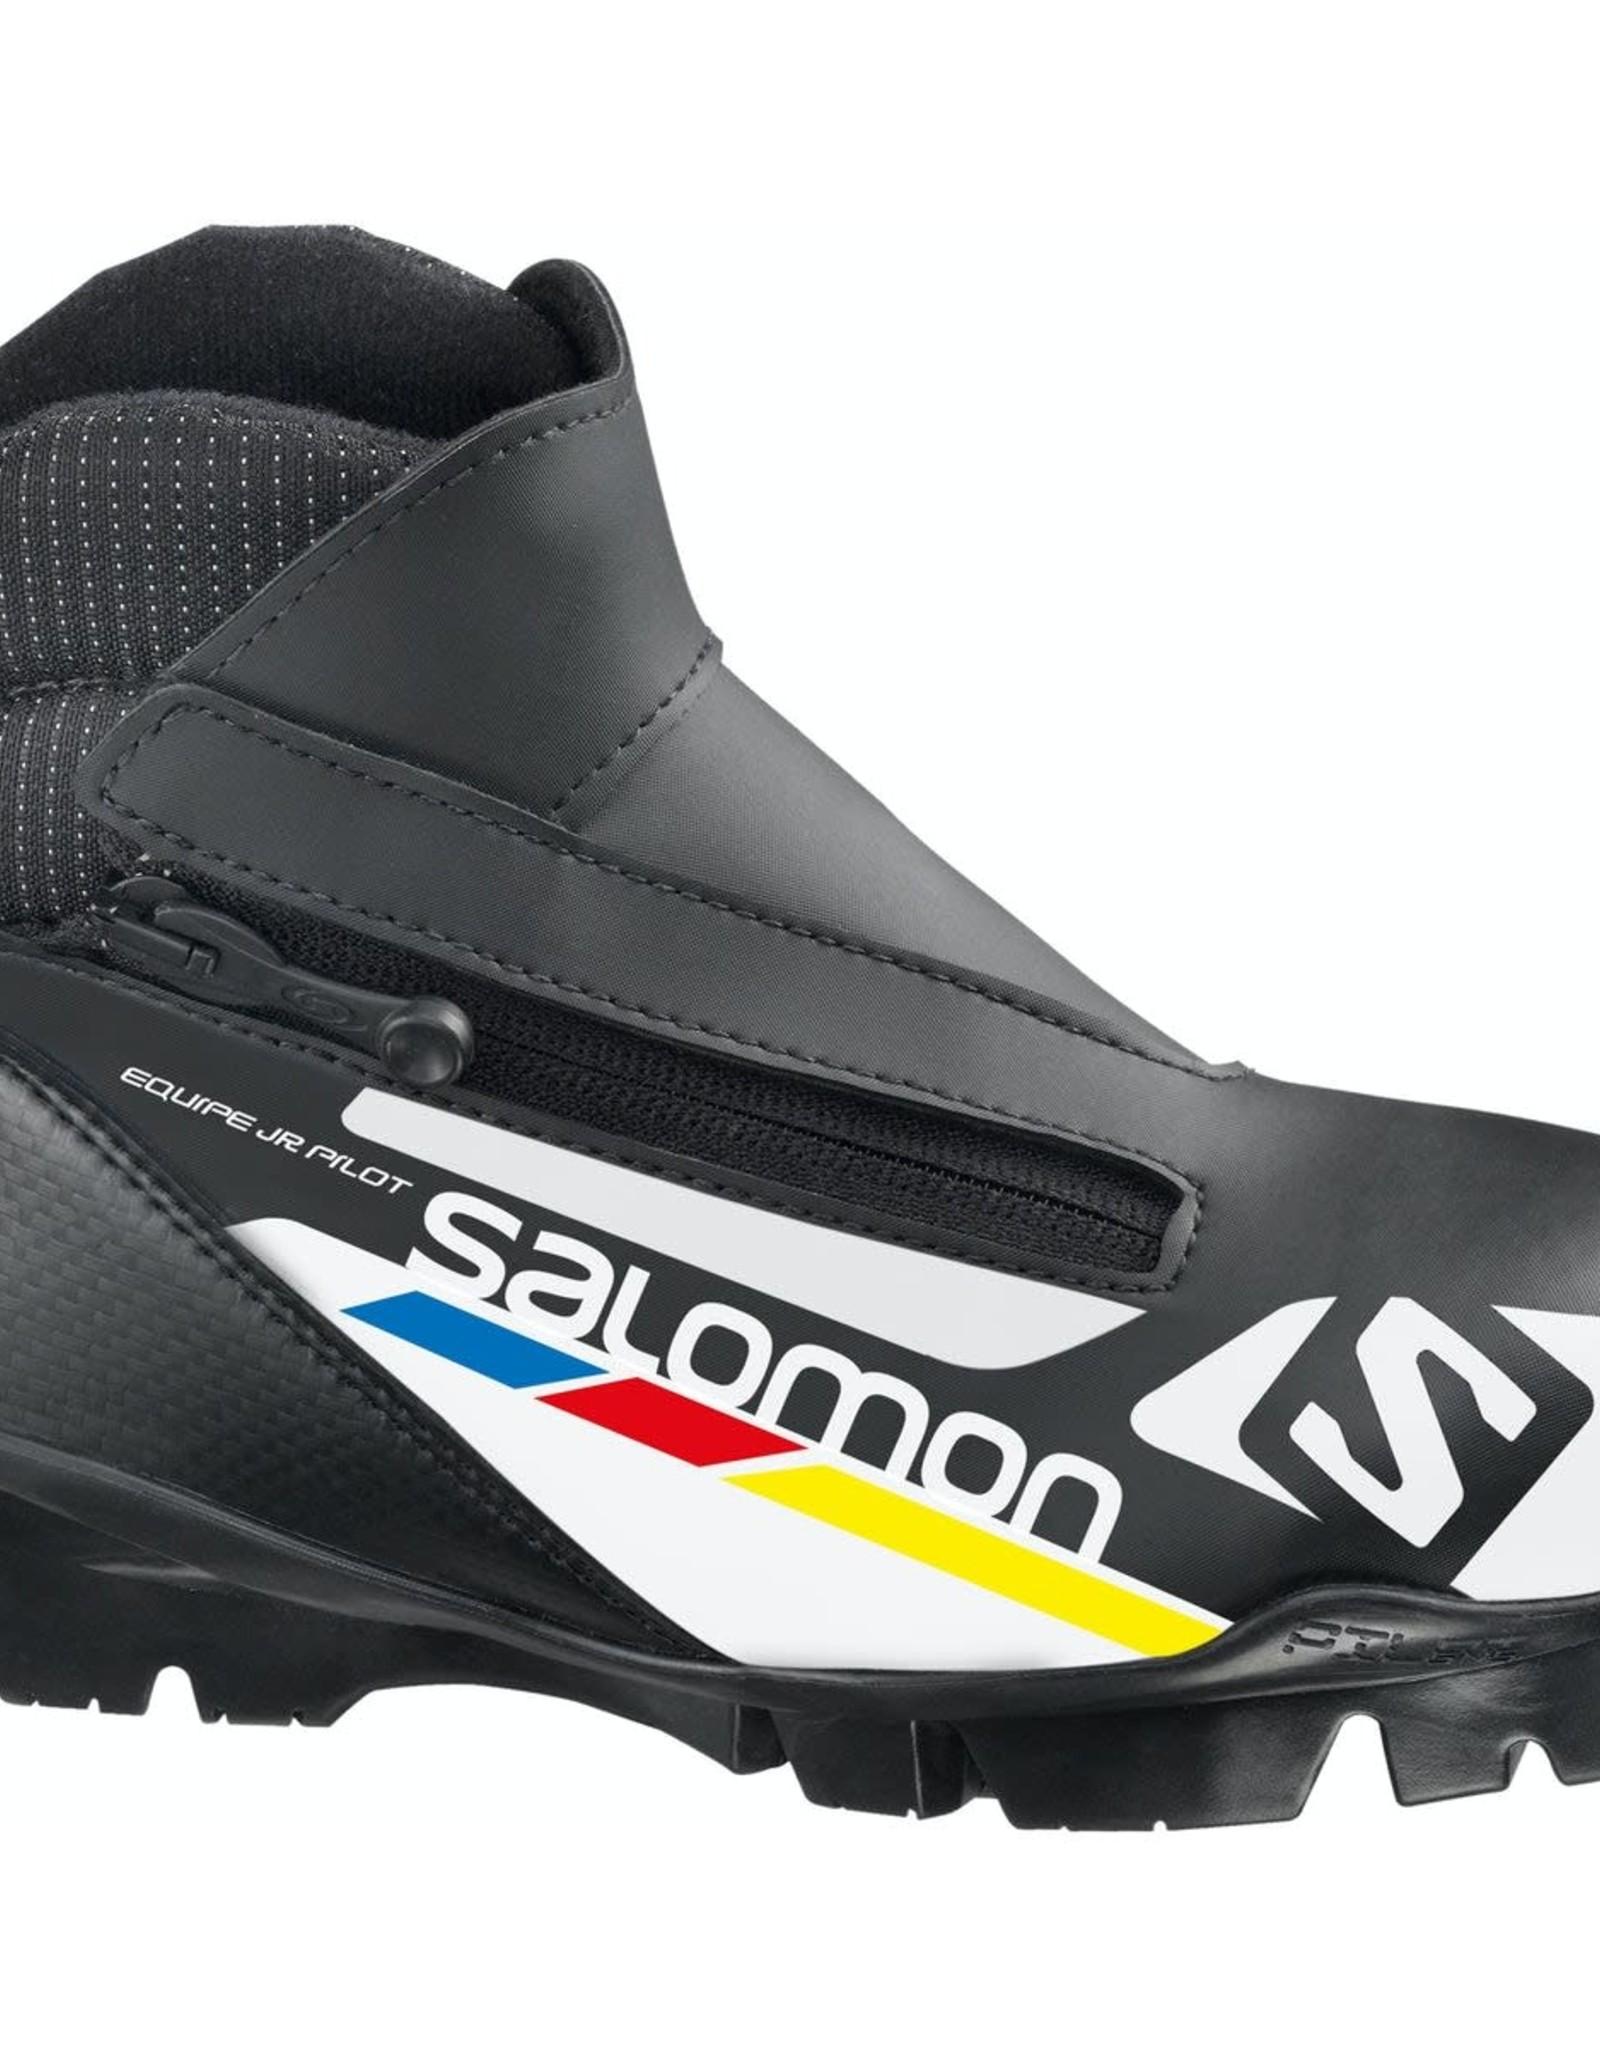 Salomon Equipe Junior Boot